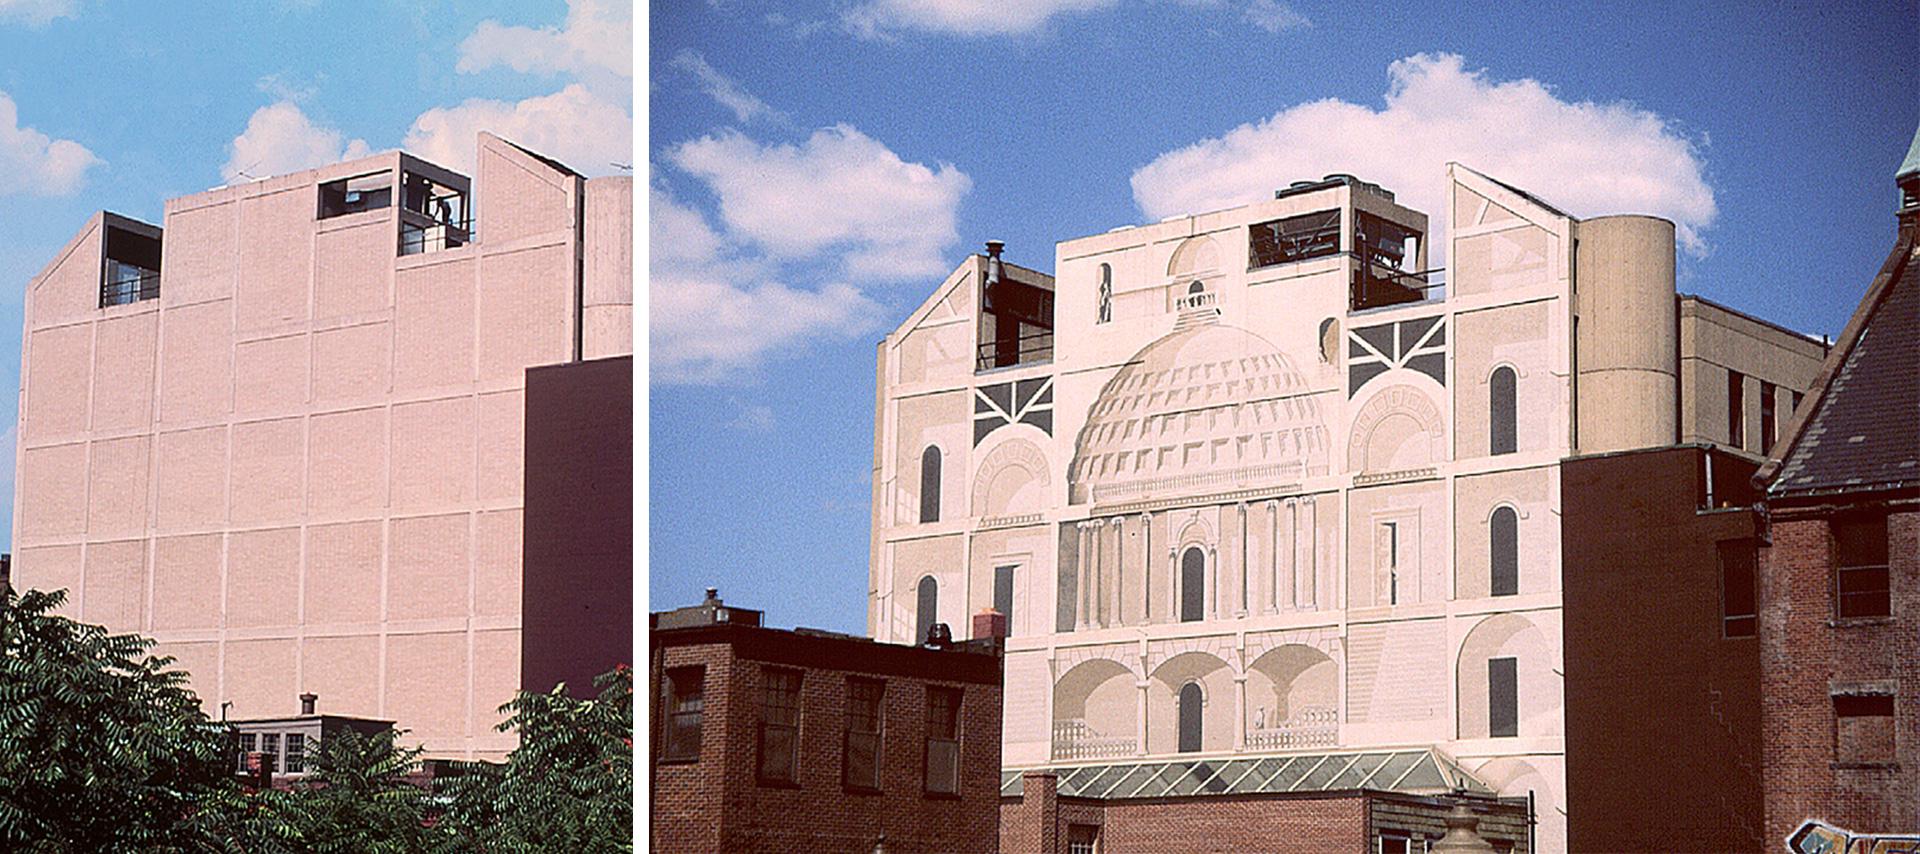 Boston Architectural Center Boston, MA. (1977)